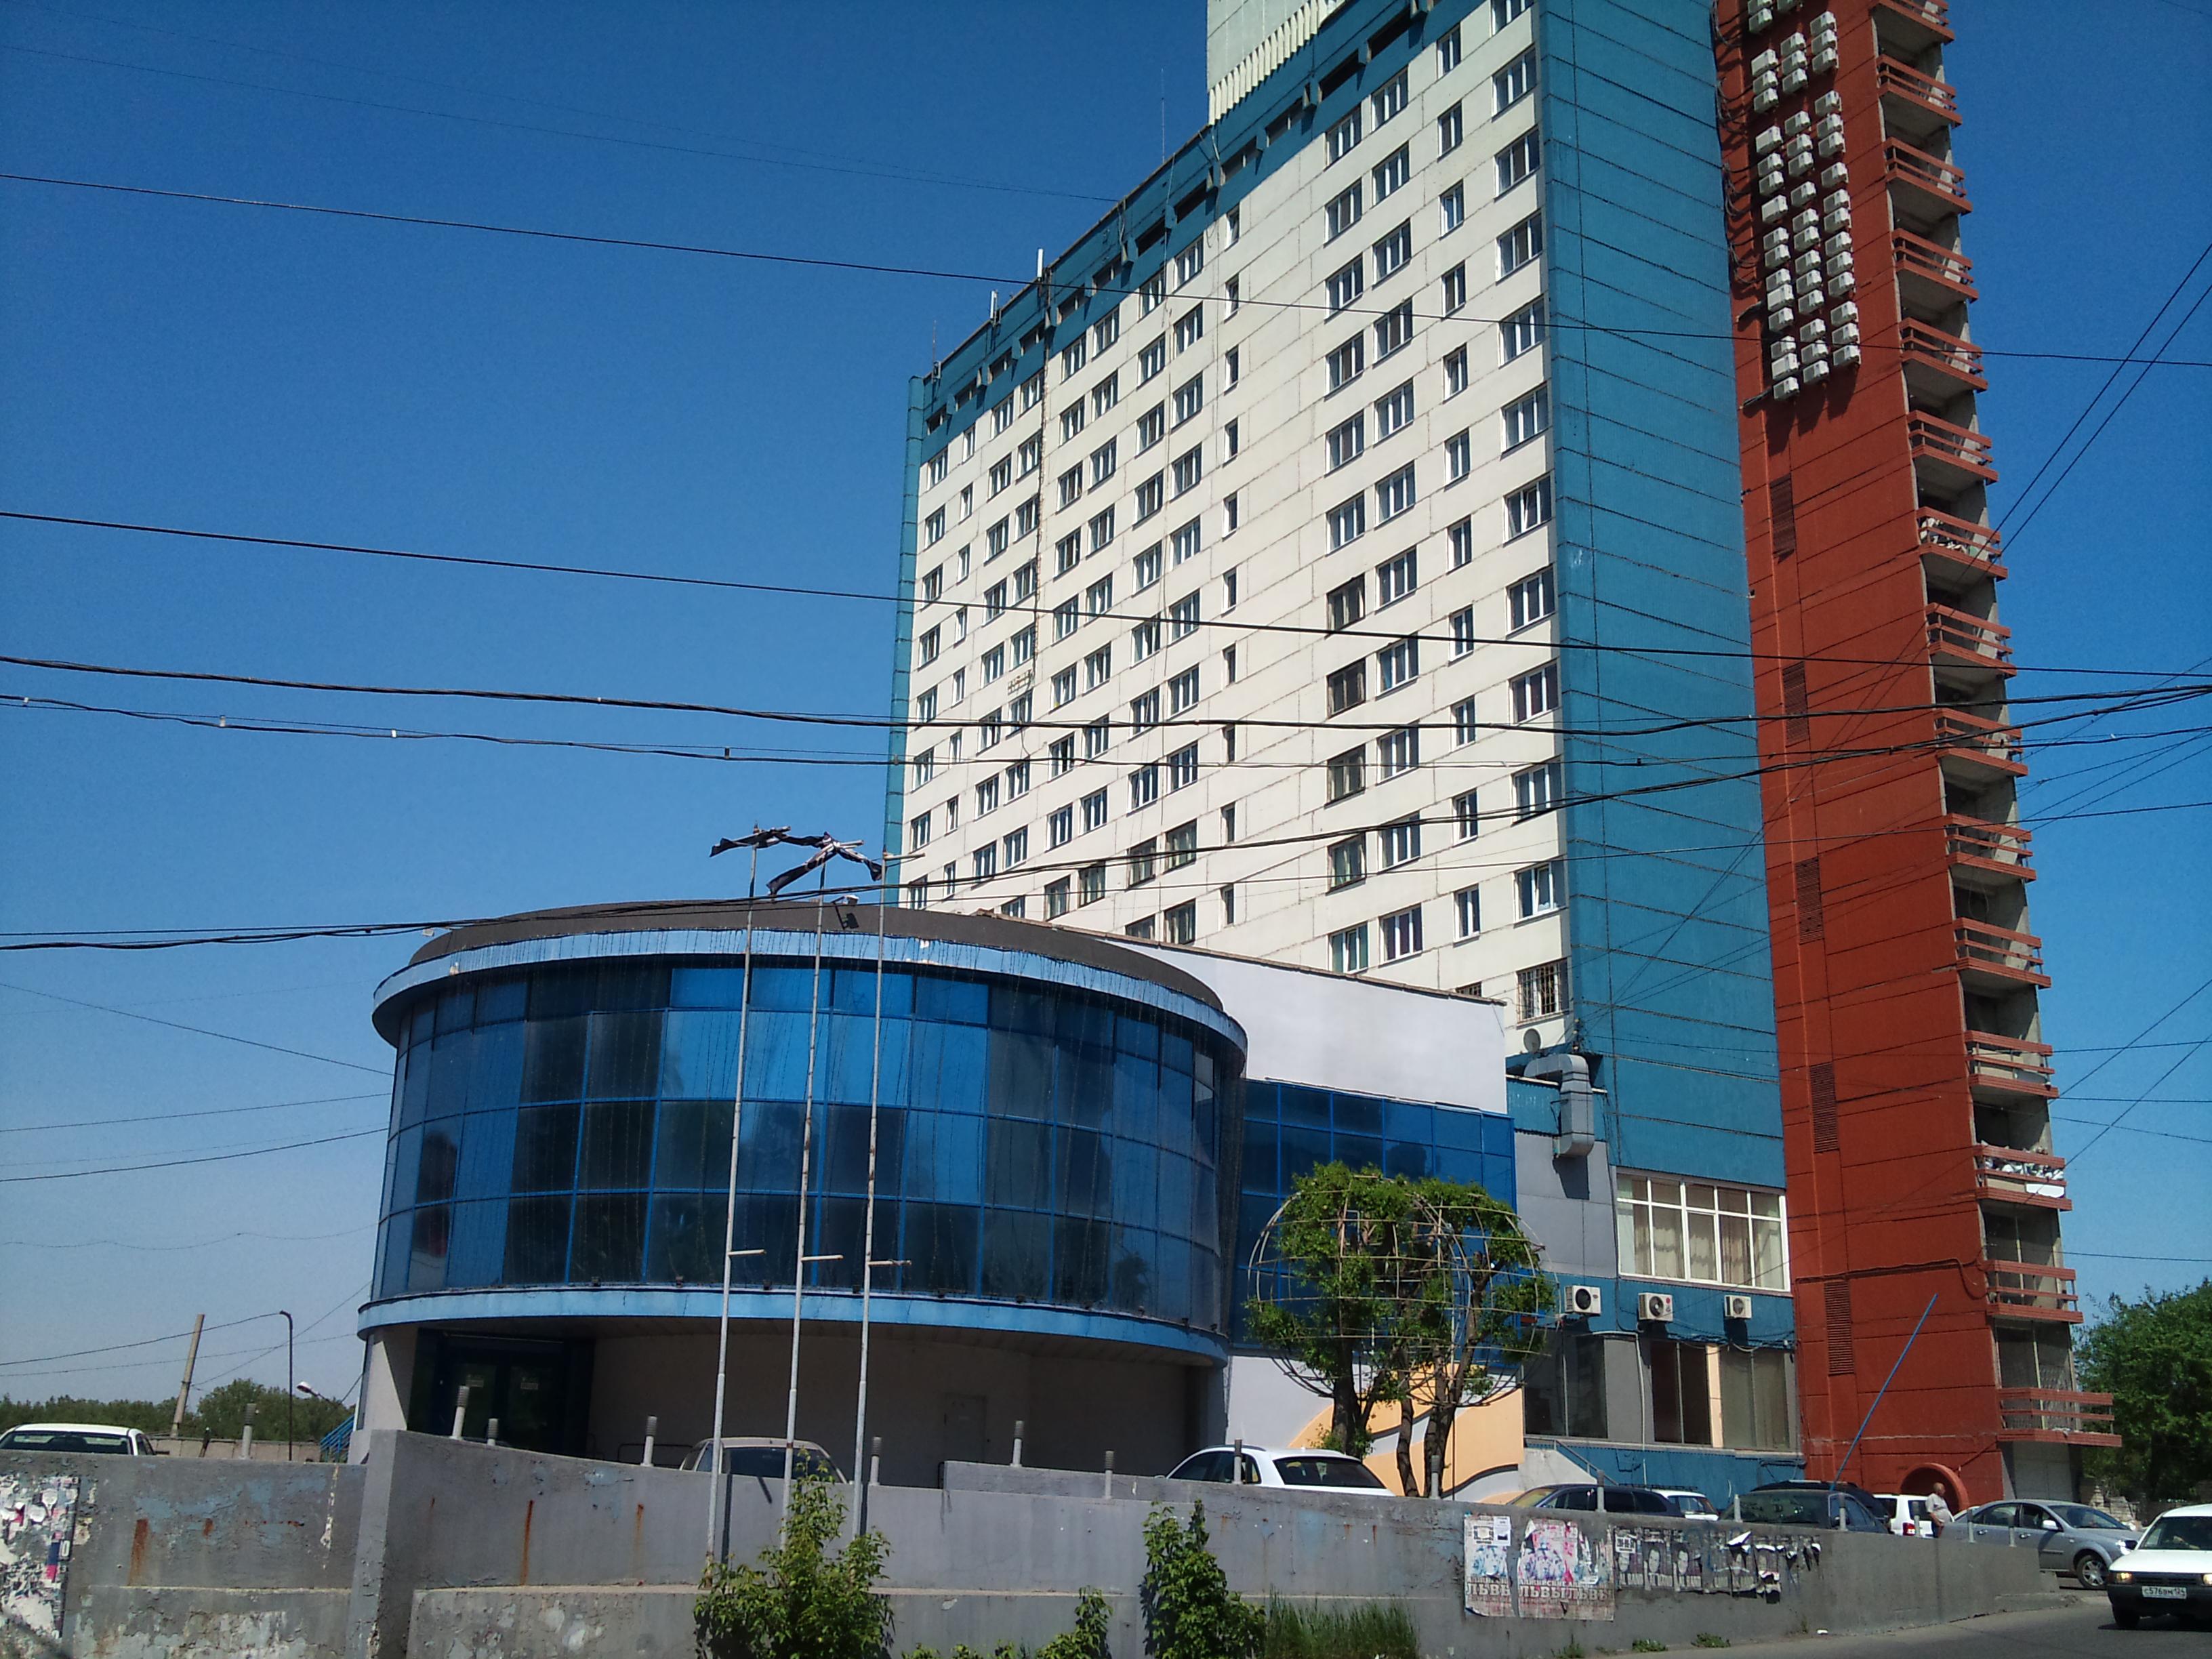 Красноярск гостиница АМАКС Сити Отель и ночной клуб Euro. 8.06.2012 года